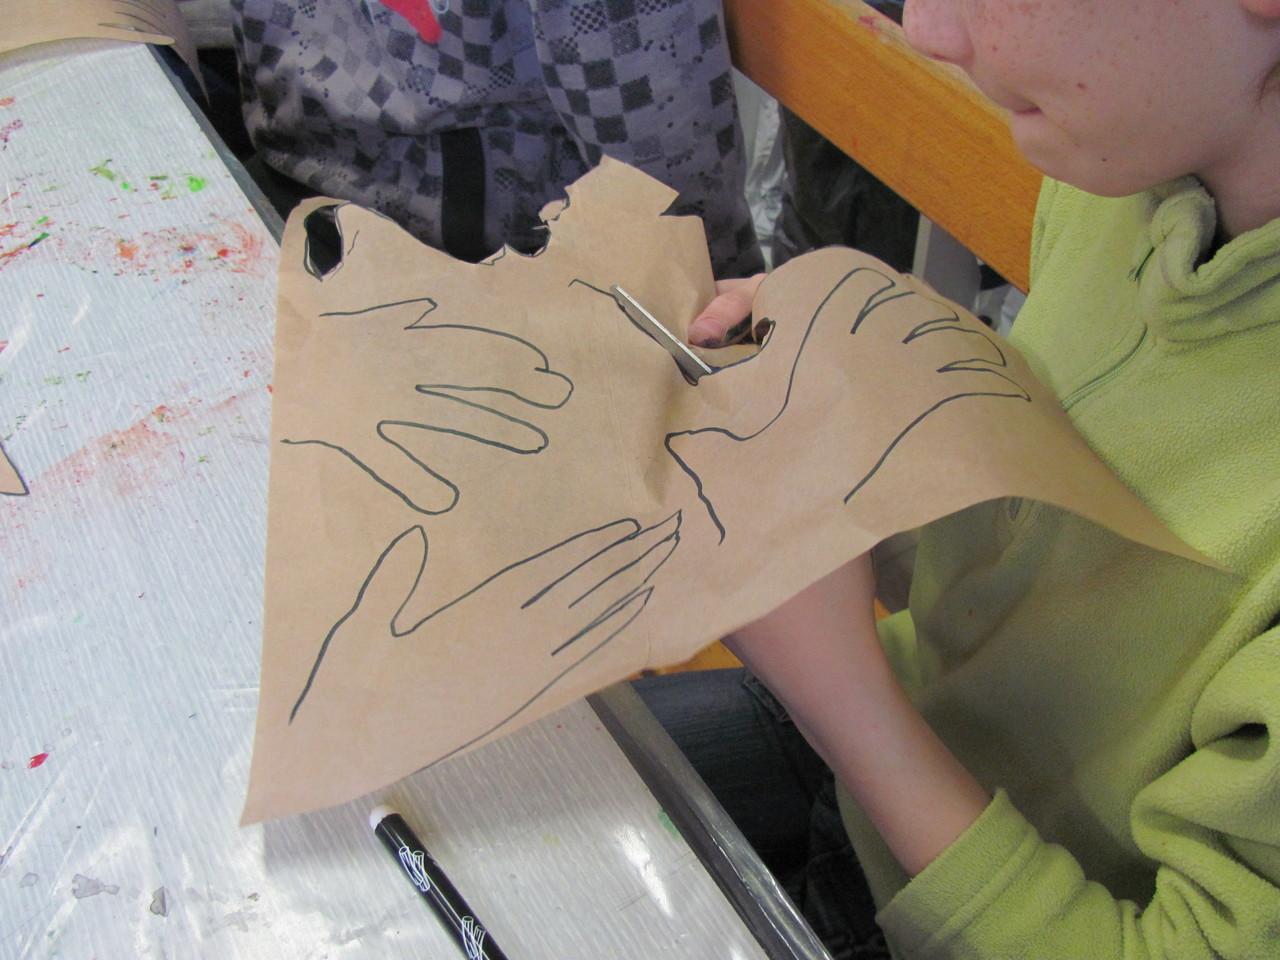 découpage des mains qui seront autant de feuilles à notre arbre des savoir-faire avec nos mains...